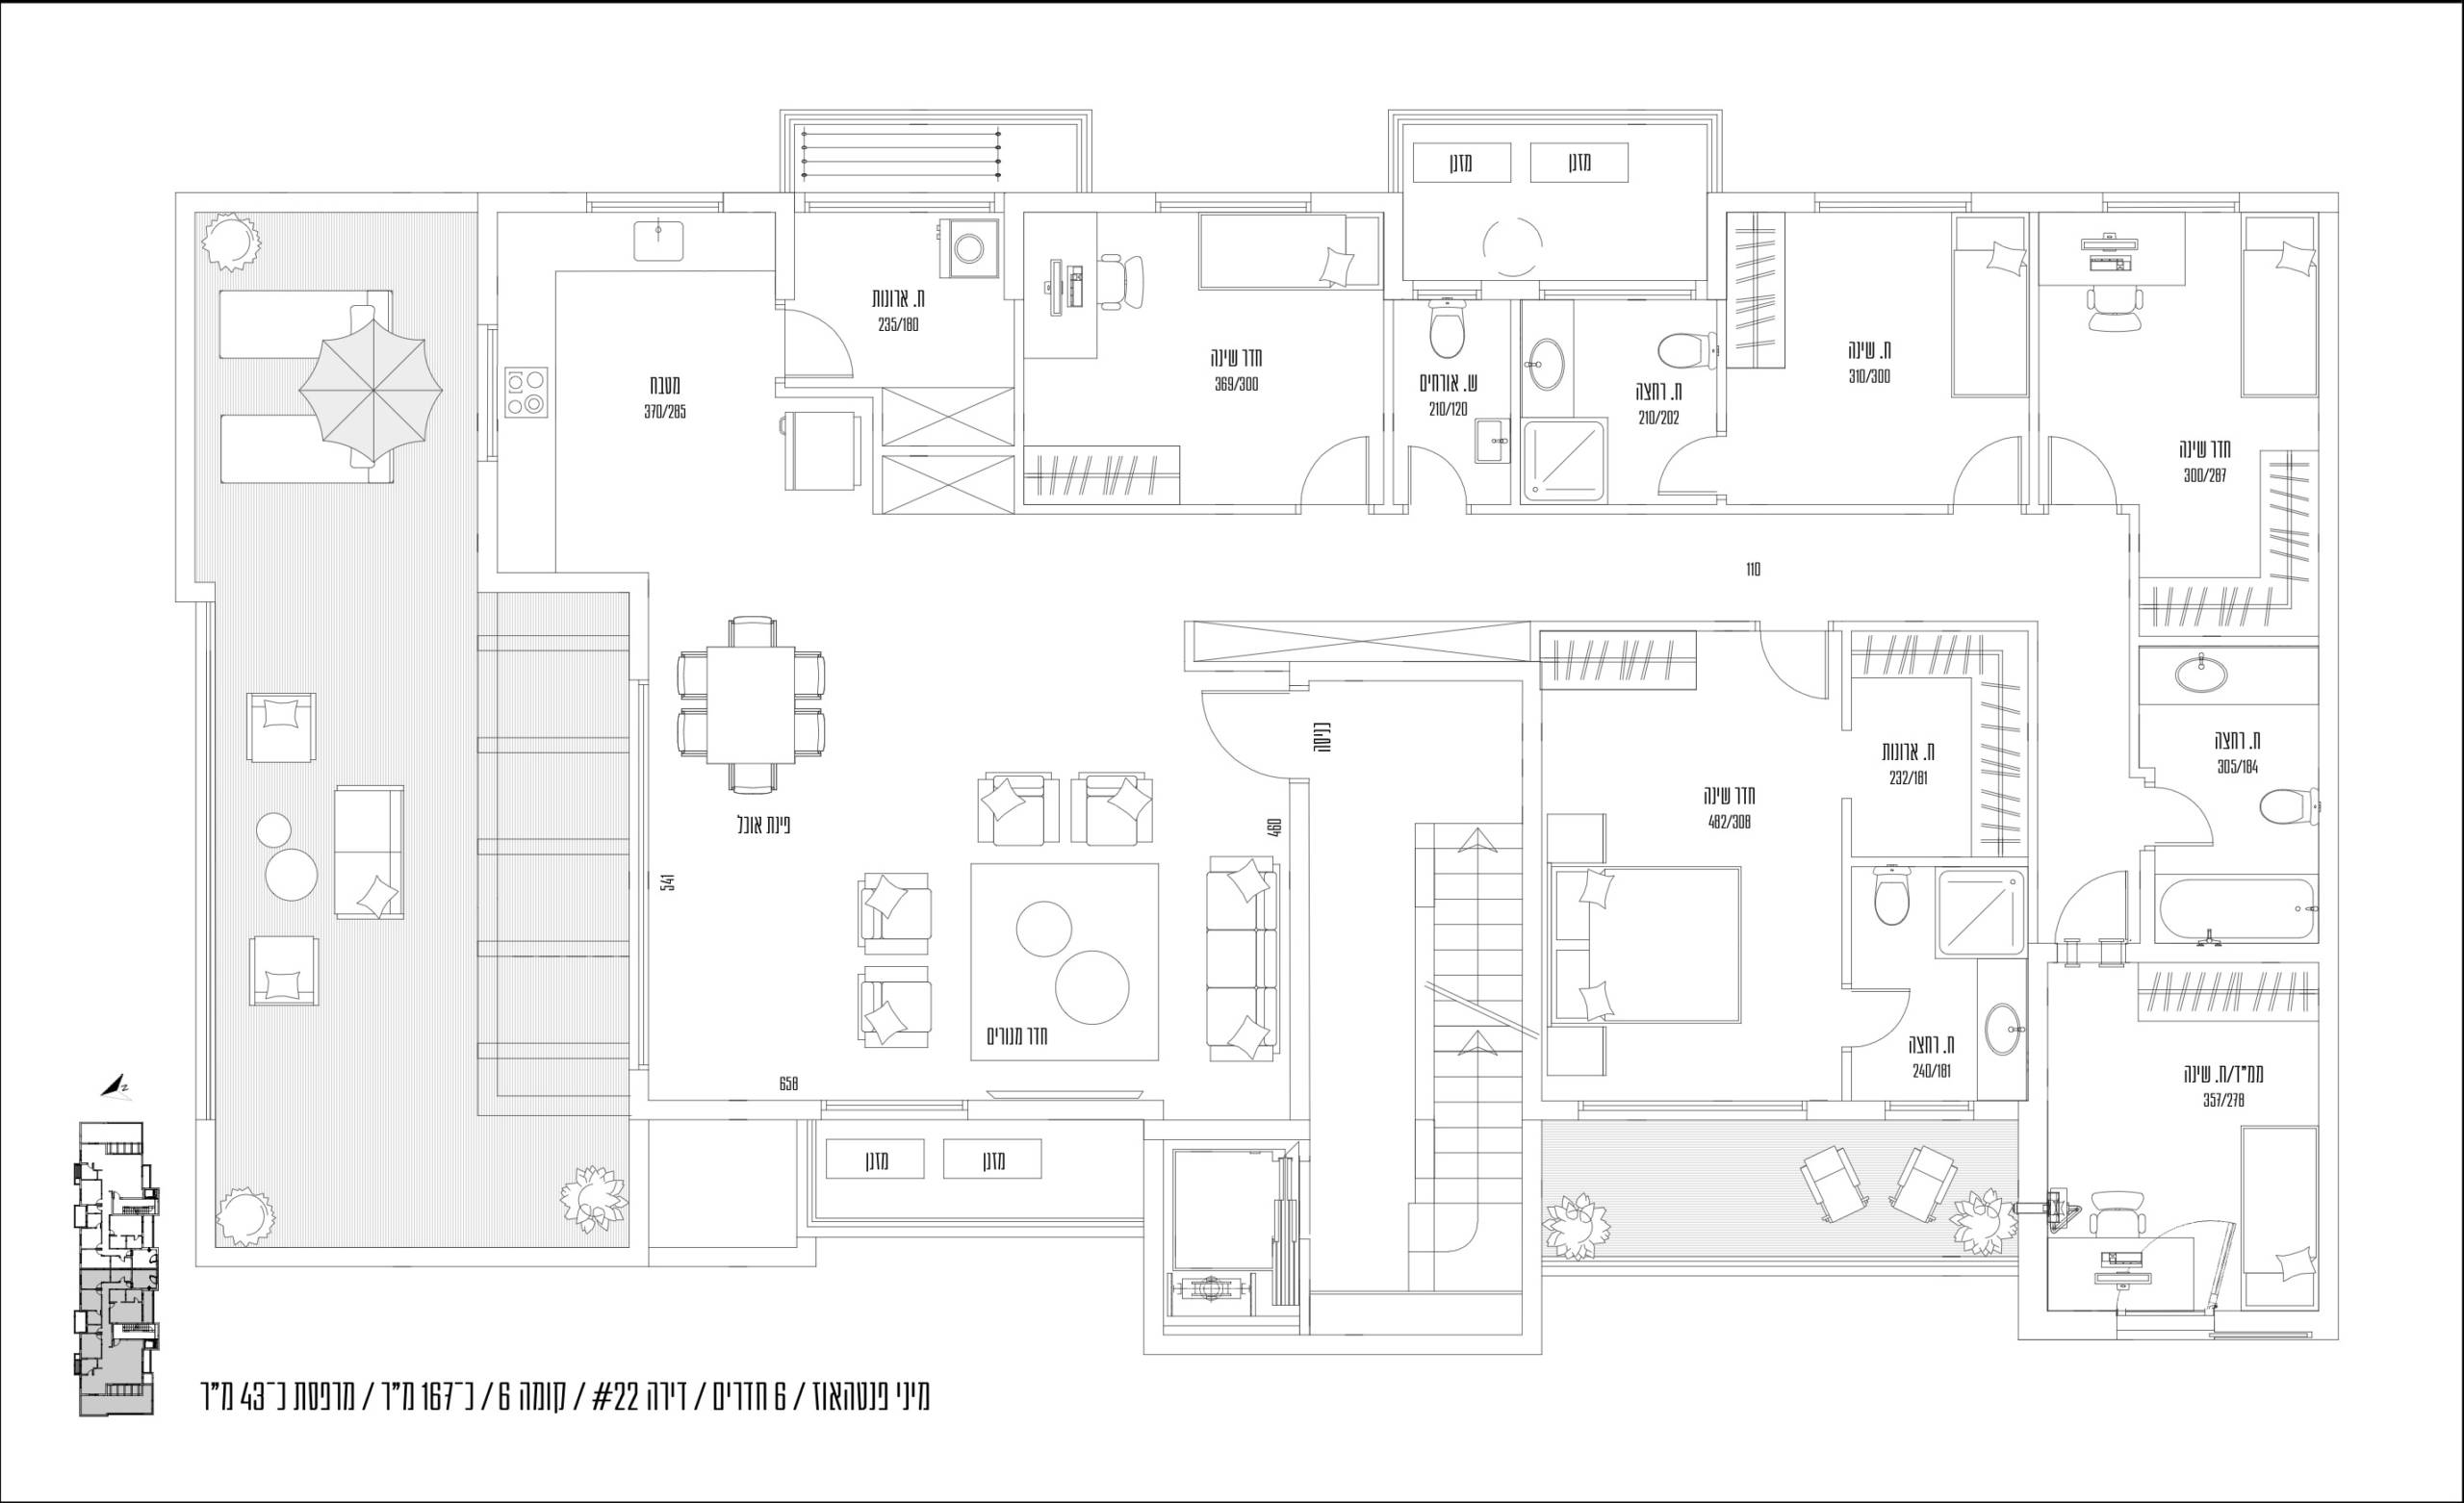 Penthouse 6 pièces de 167 m2 avec une terrasse de 43 m2